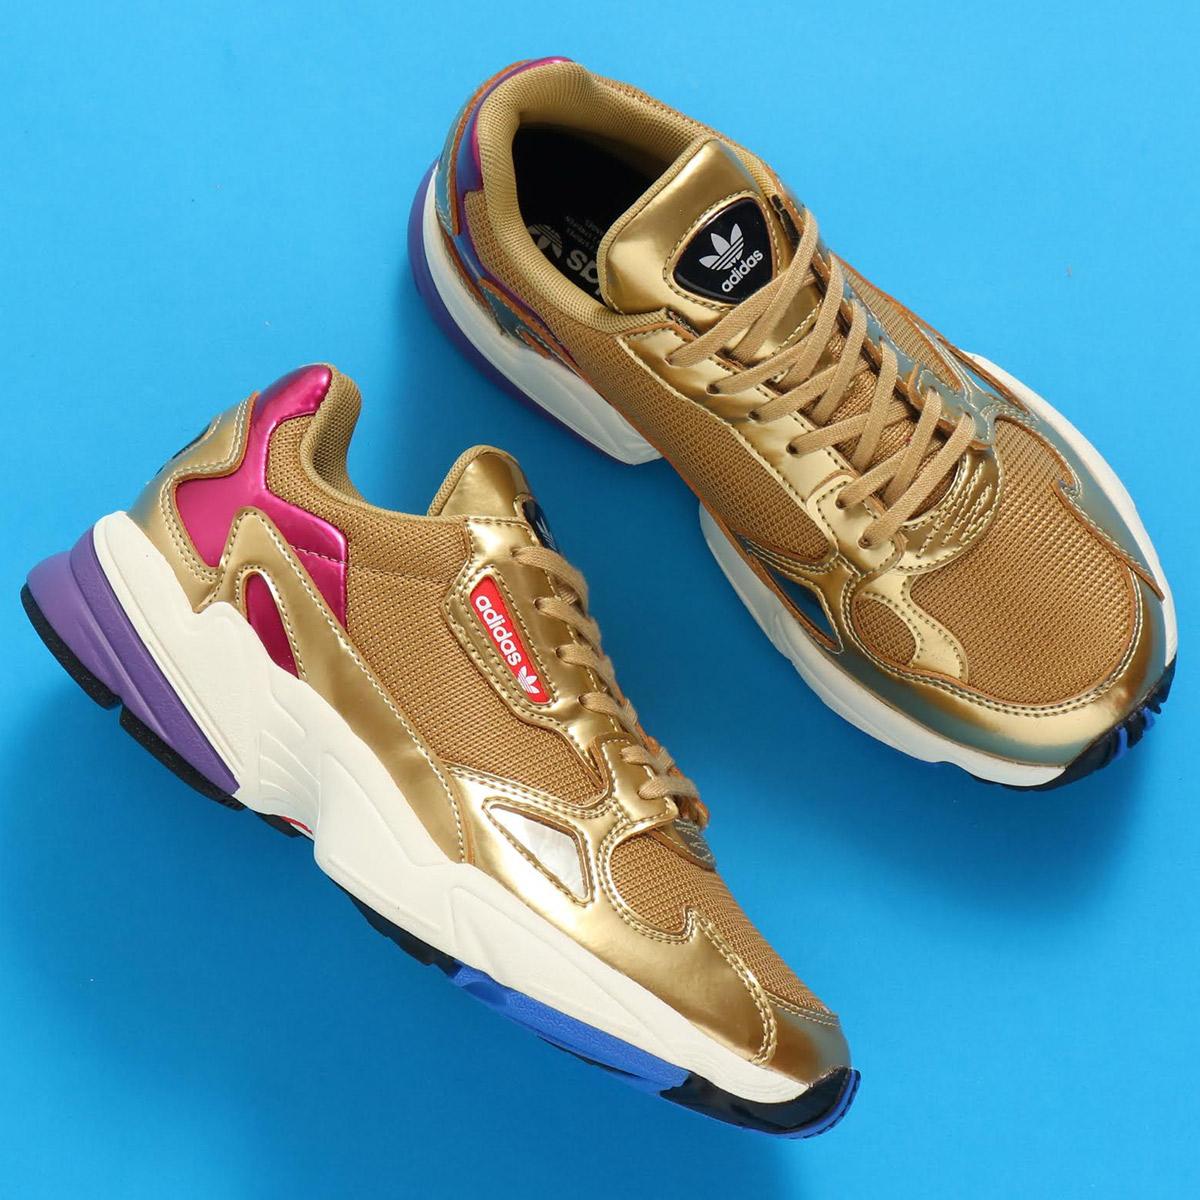 adidas Originals ADIDASFALCON W(アディダスオリジナルス ファルコン W)ゴールドメット/ゴールドメット/オフホワイト【レディース スニーカー】19SS-S